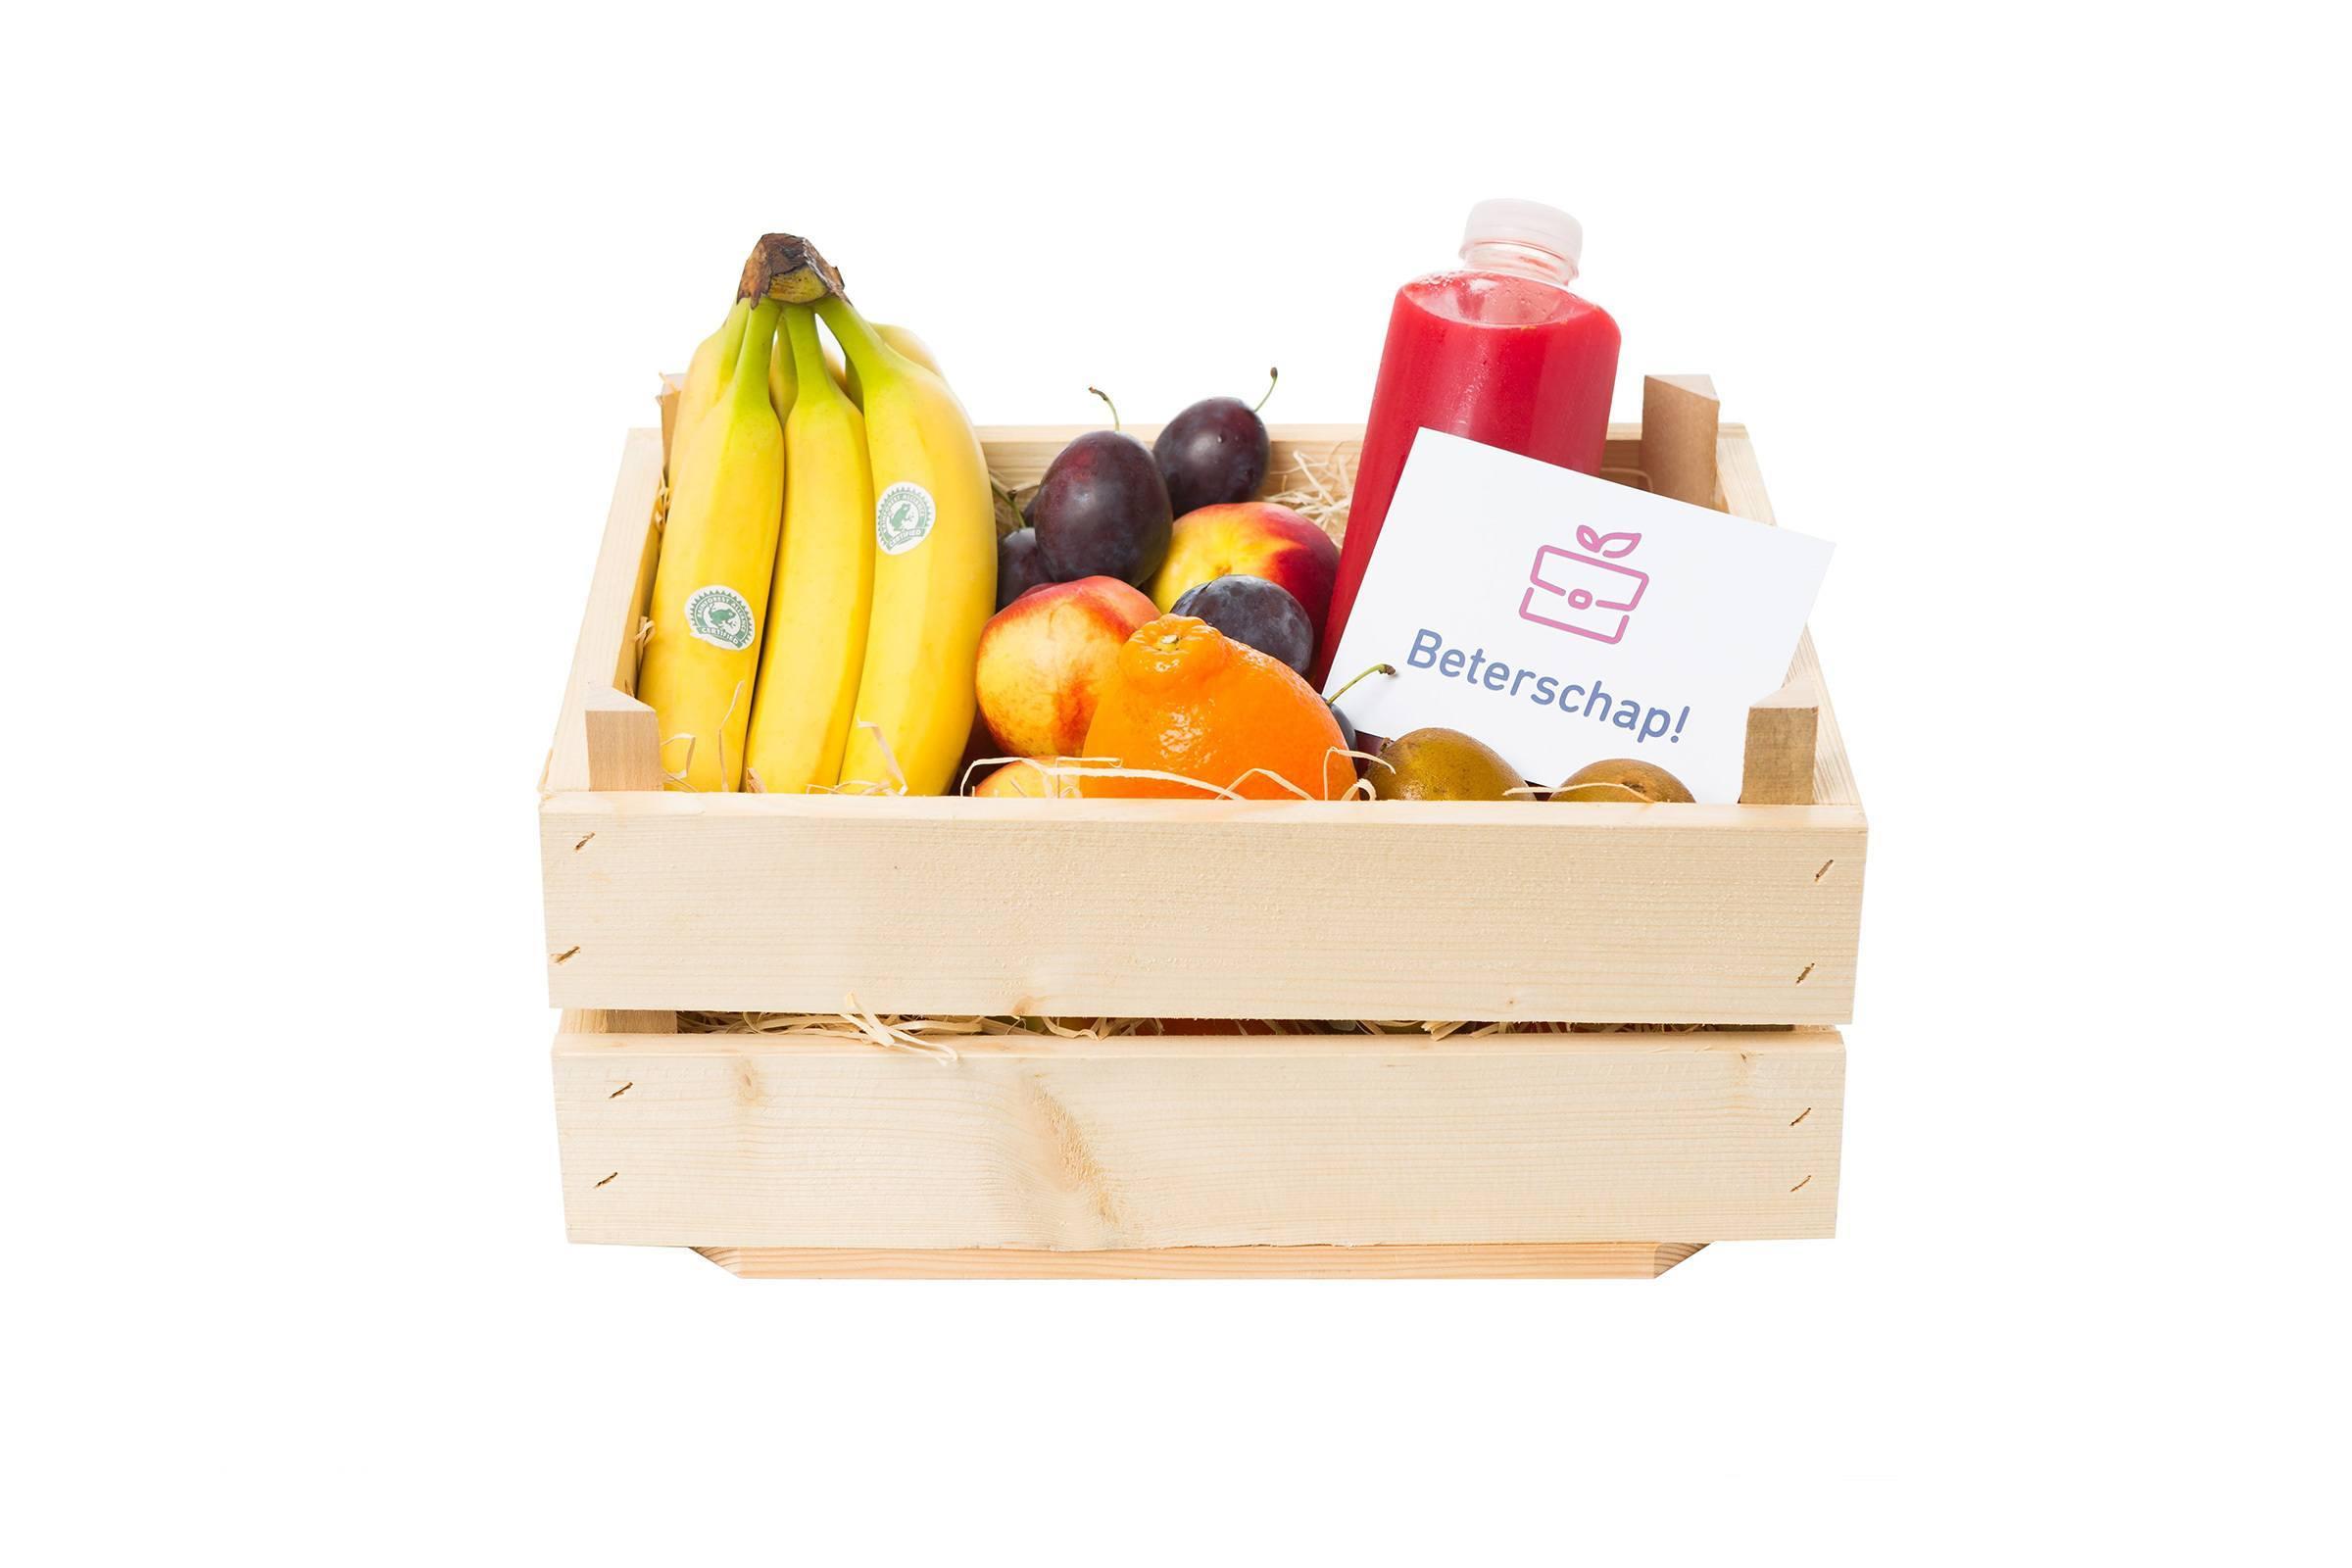 fruitzaken-02_2_20181002_140438